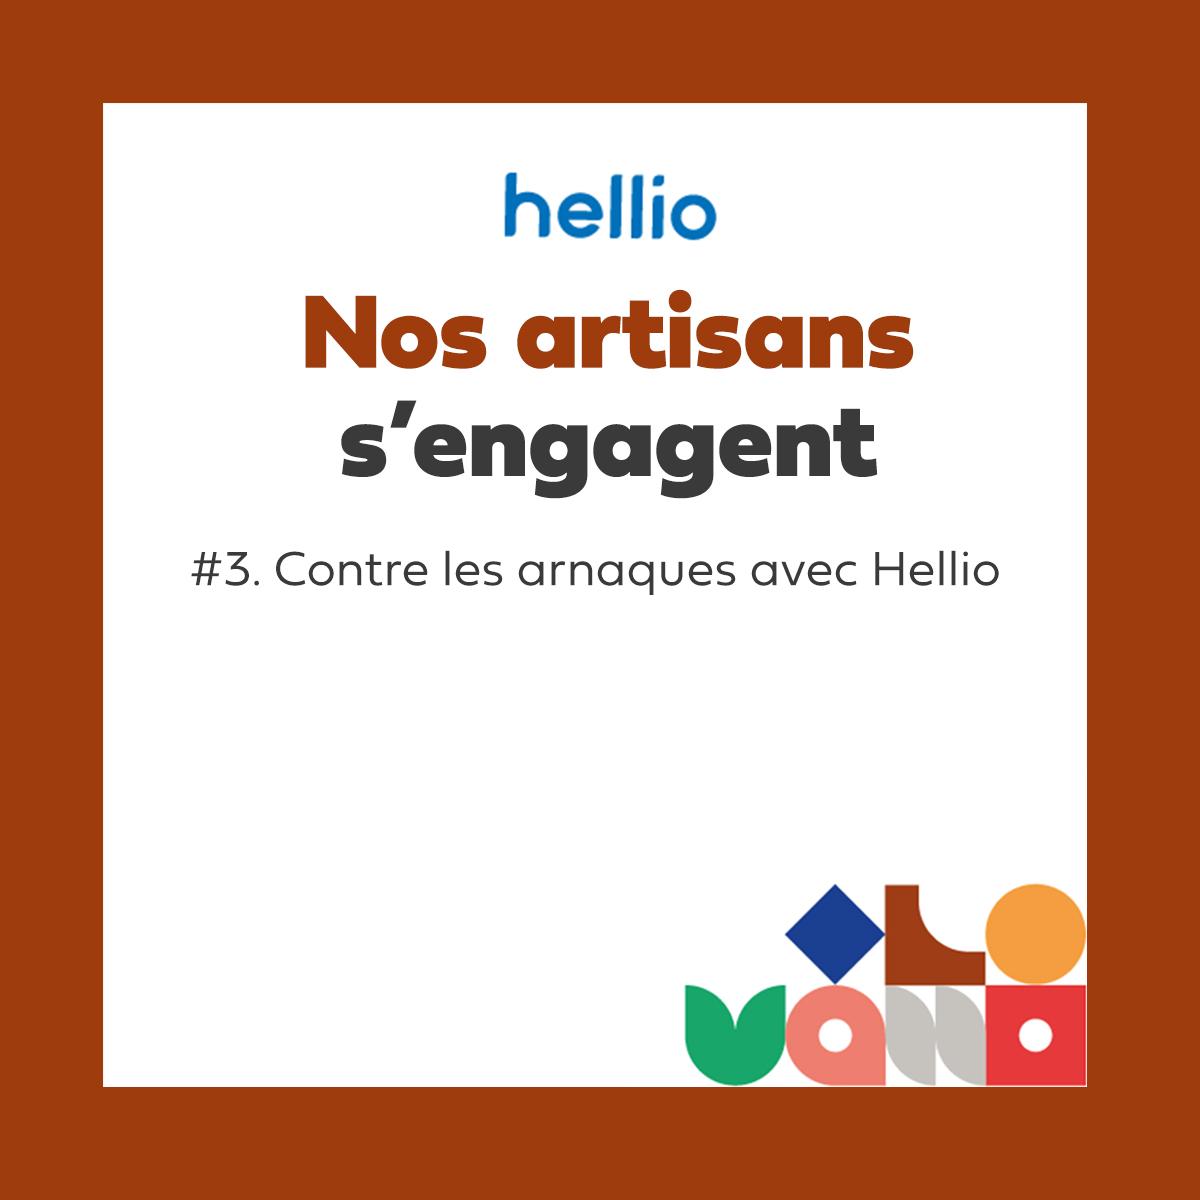 Podcast - Nos artisans s'engagent : #3 Contre les arnaques avec Hellio et ses partenaires